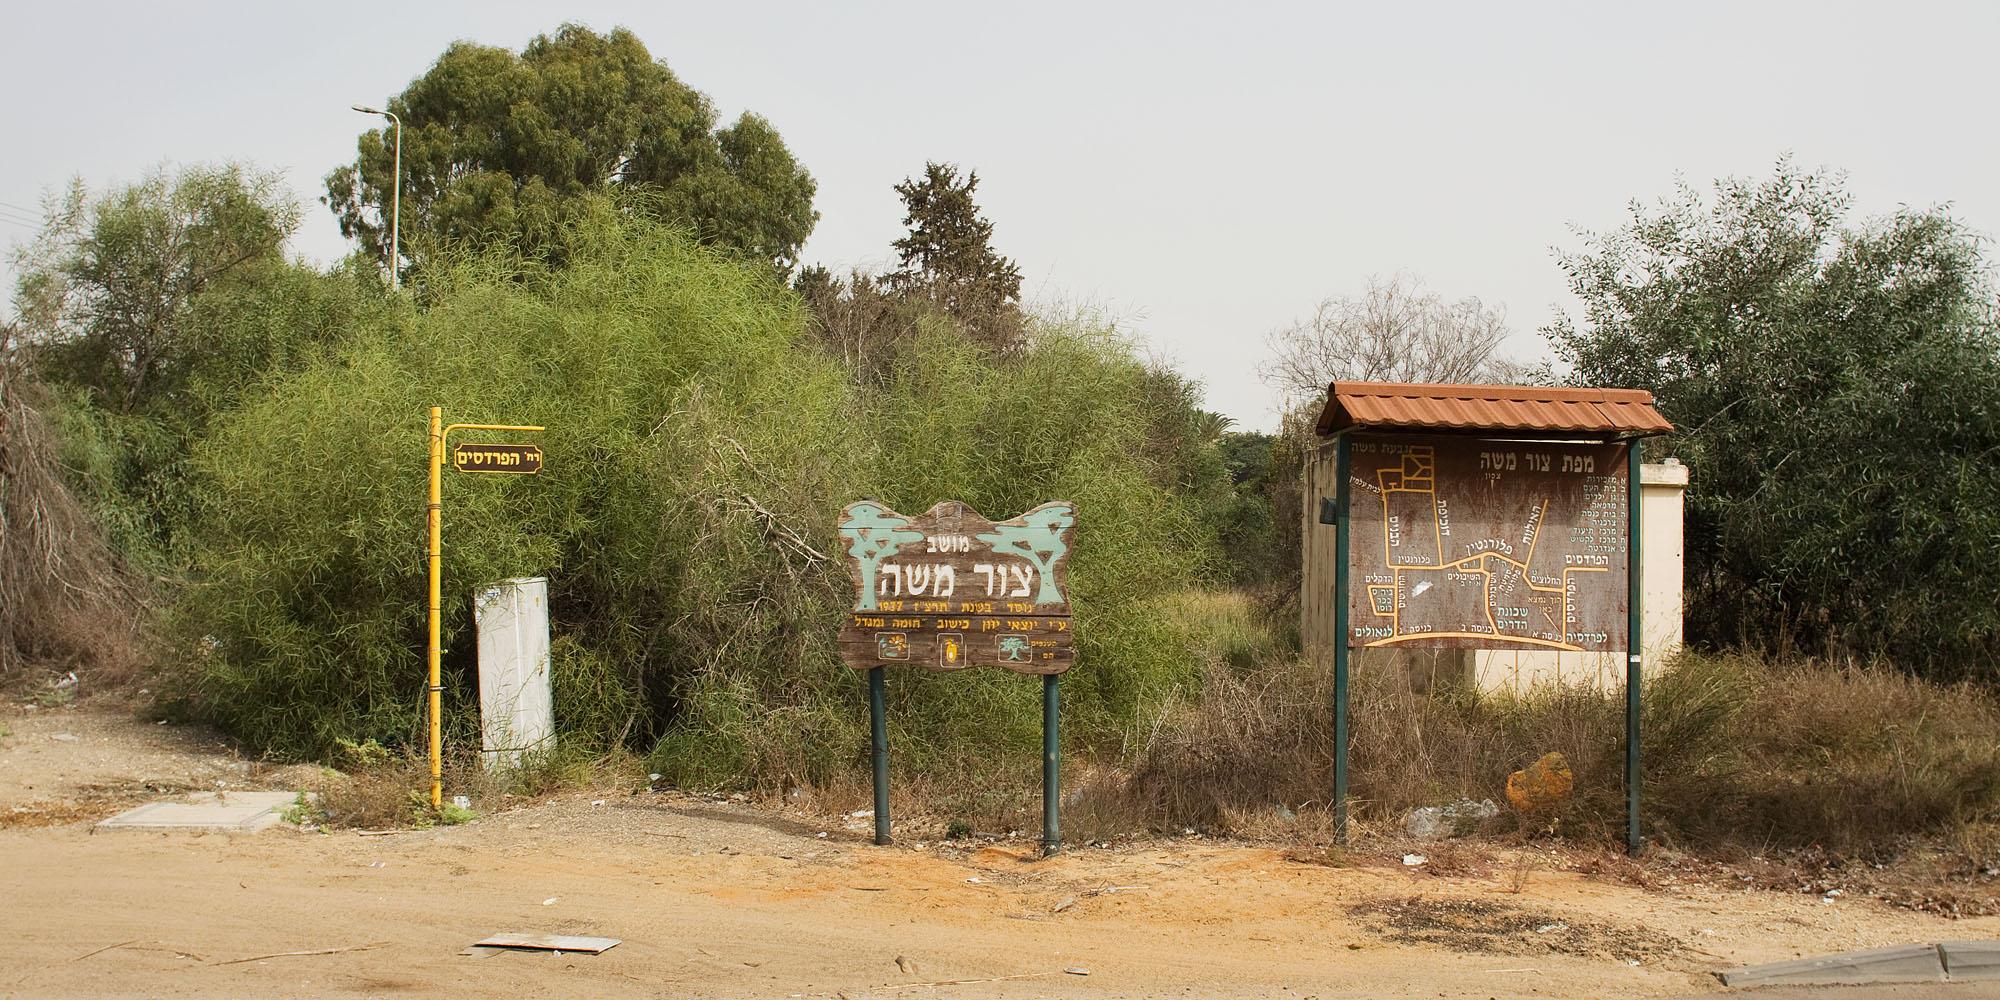 ברצינות שלט כניסה - צור משה IN-42